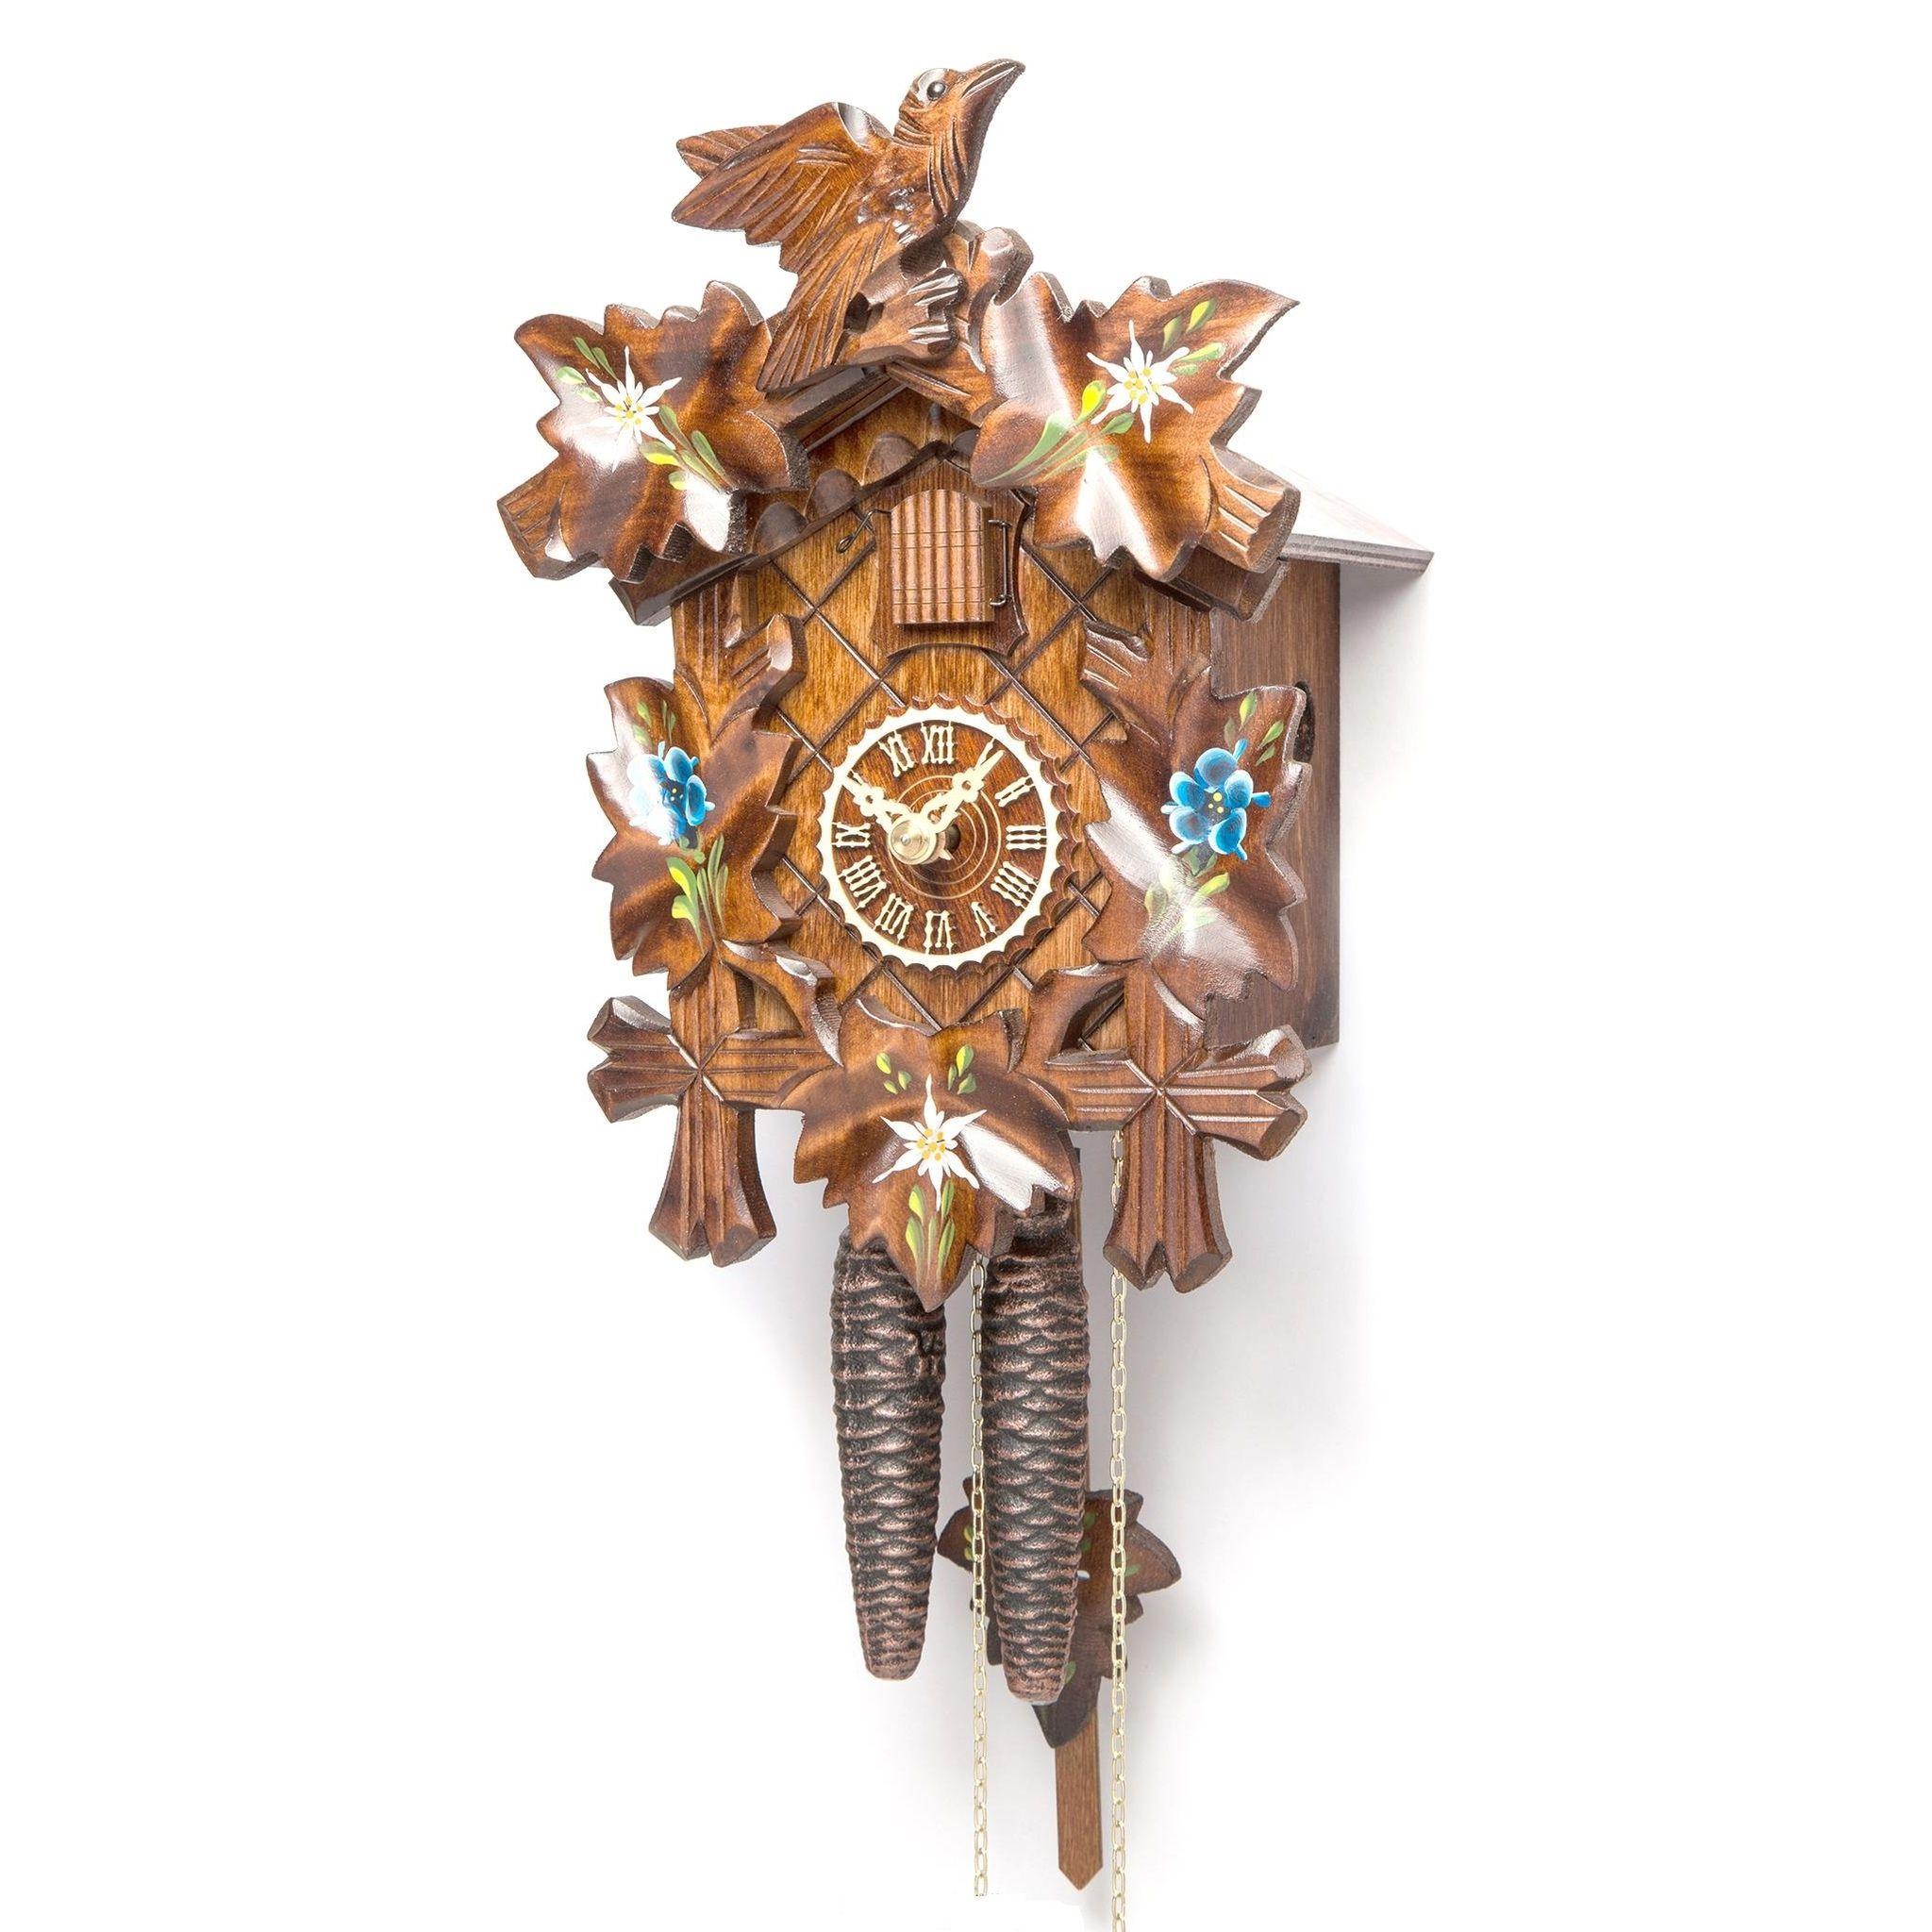 Часы с кукушкой Tomas Stern от 2 900 руб